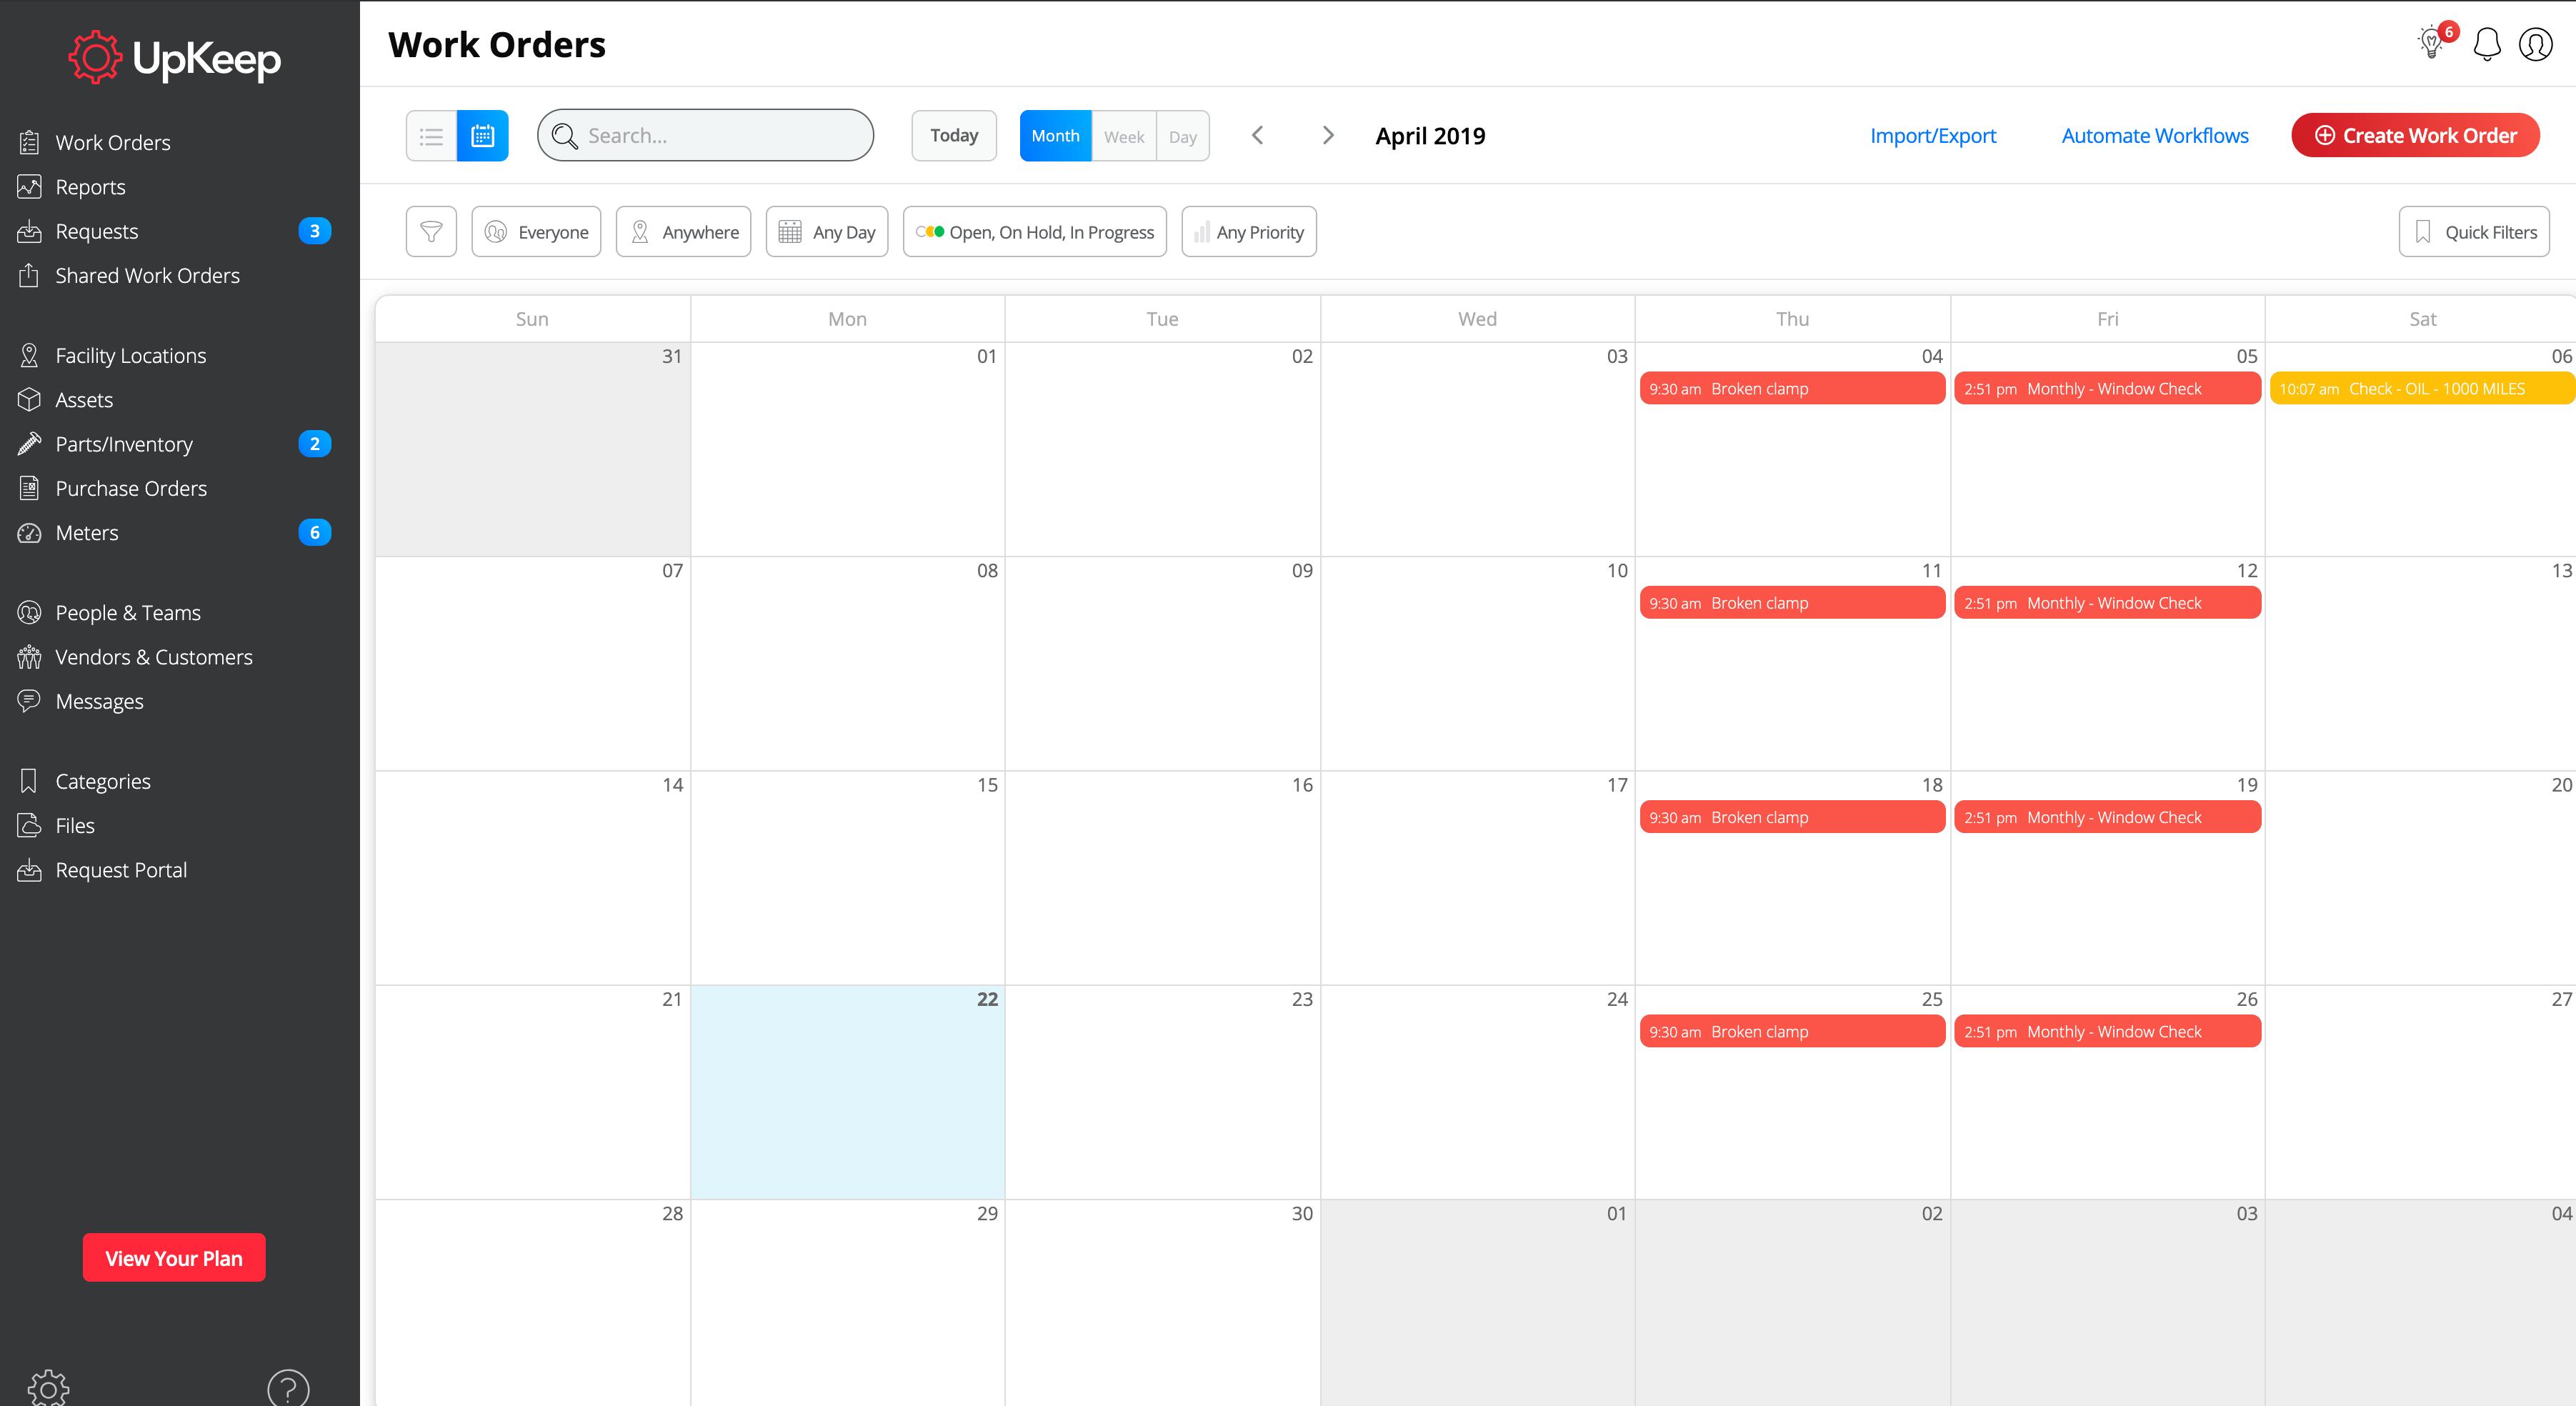 Просмотр нарядов на работы в календарном плане в программном сервисе UpKeep